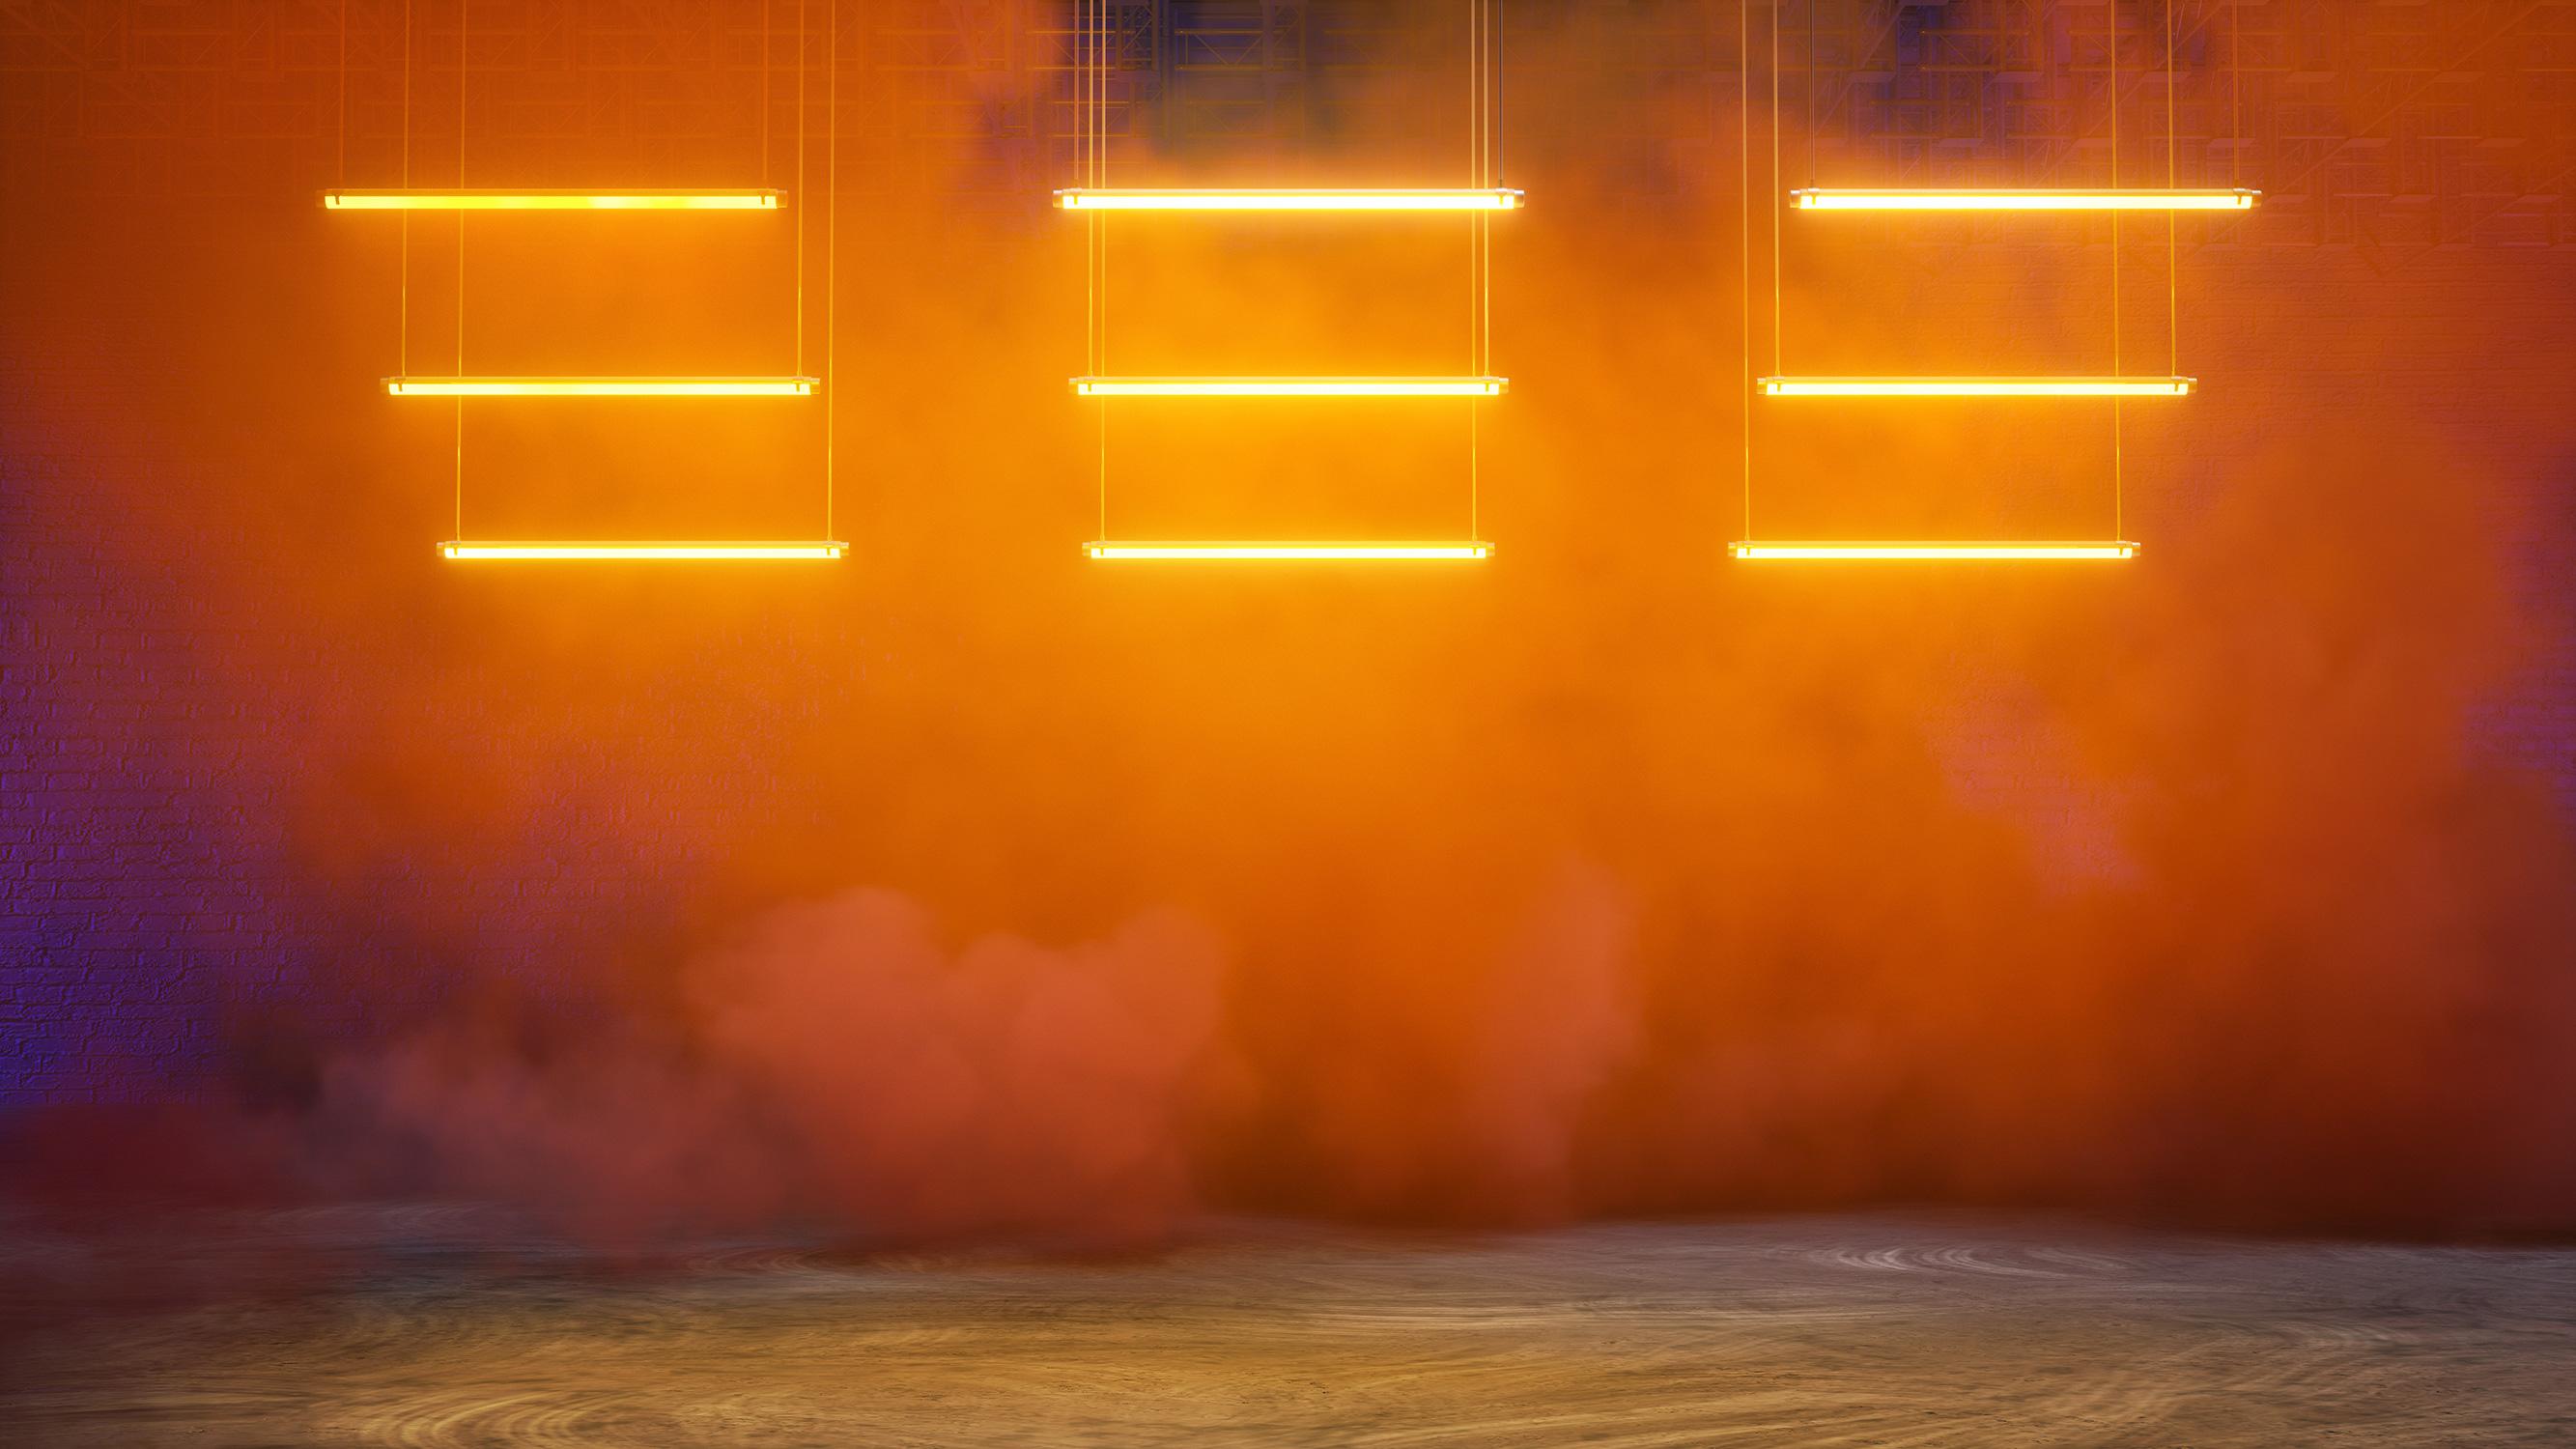 El Libro Amarillo Tendencias de Color Primavera 2021 Mandarina luces con humo